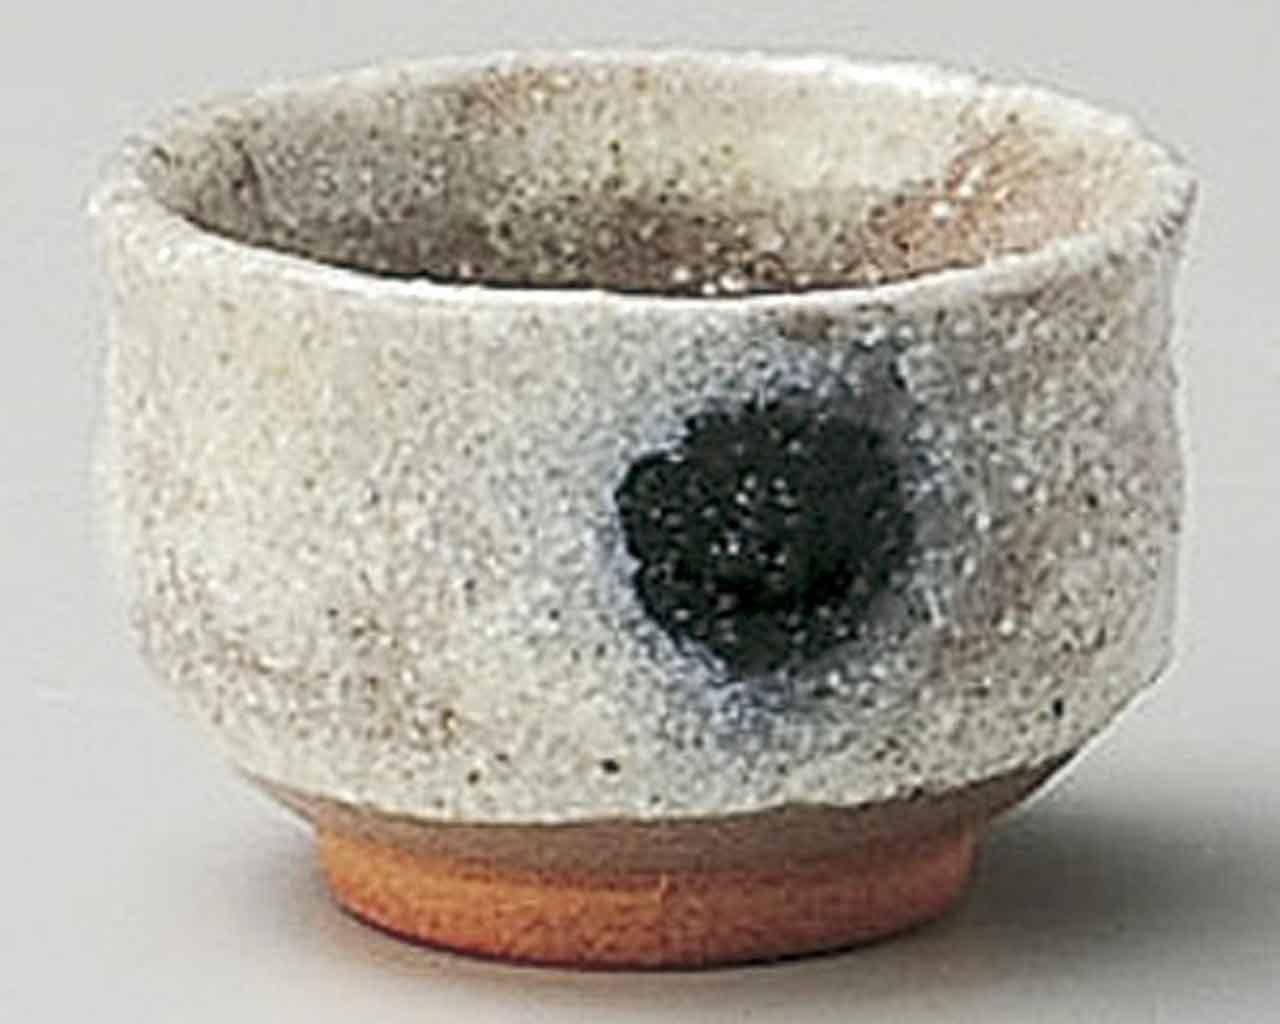 Bokashi 2.4inch Sake Cup Beige Ceramic Made in Japan watou.asia